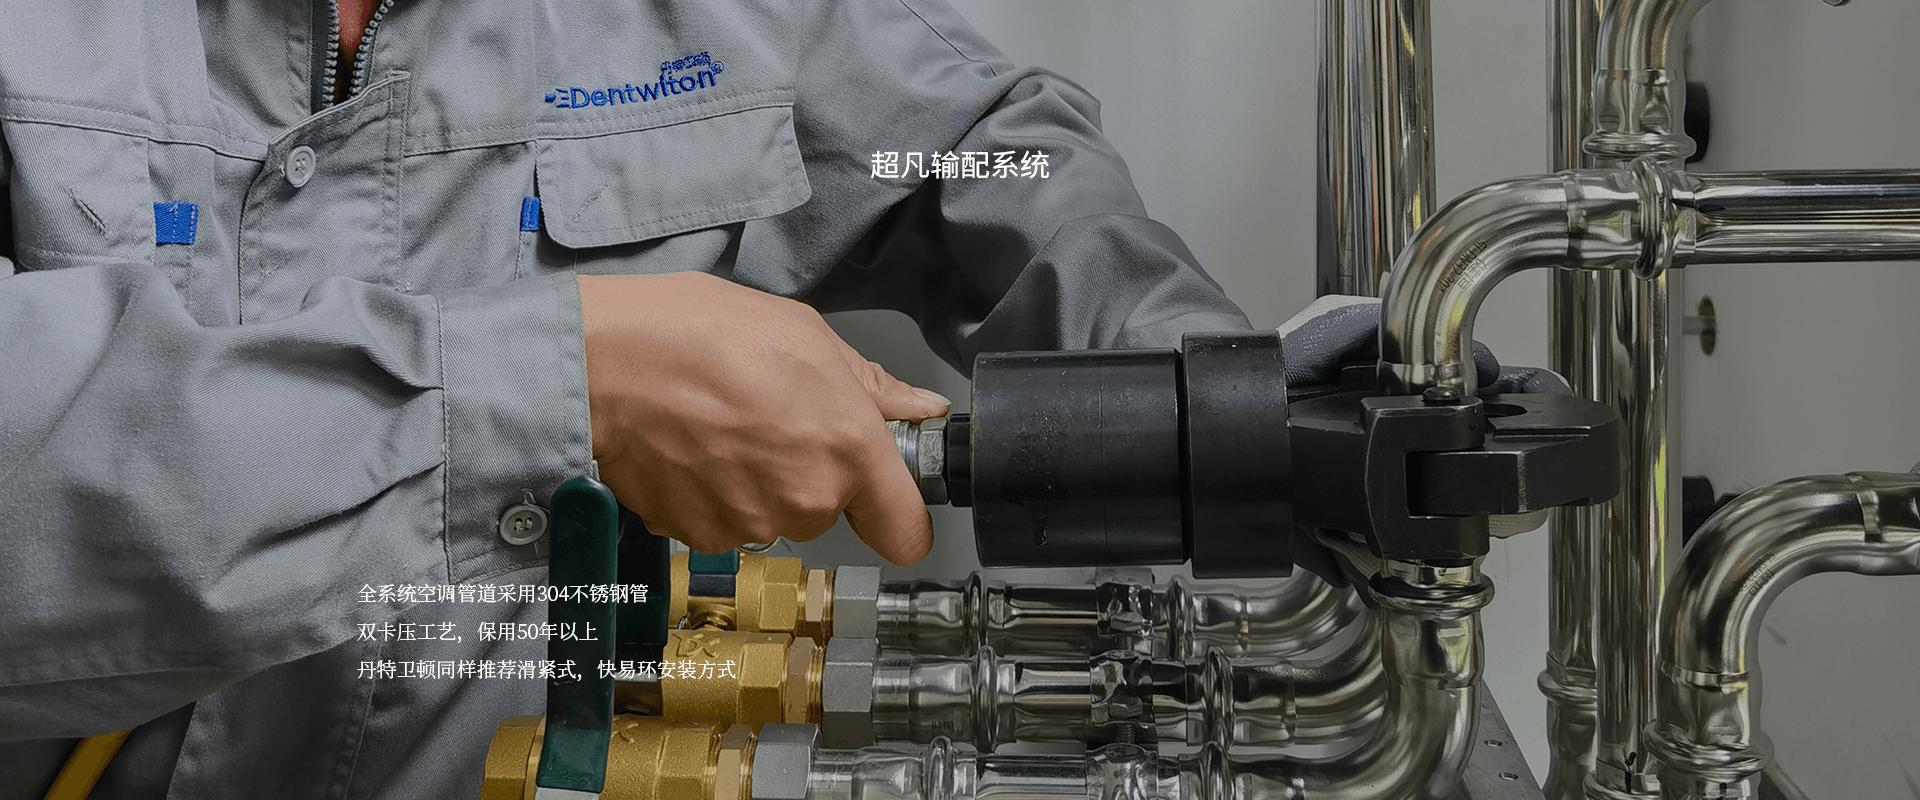 丹特卫顿全变频空气源热泵插图(5)